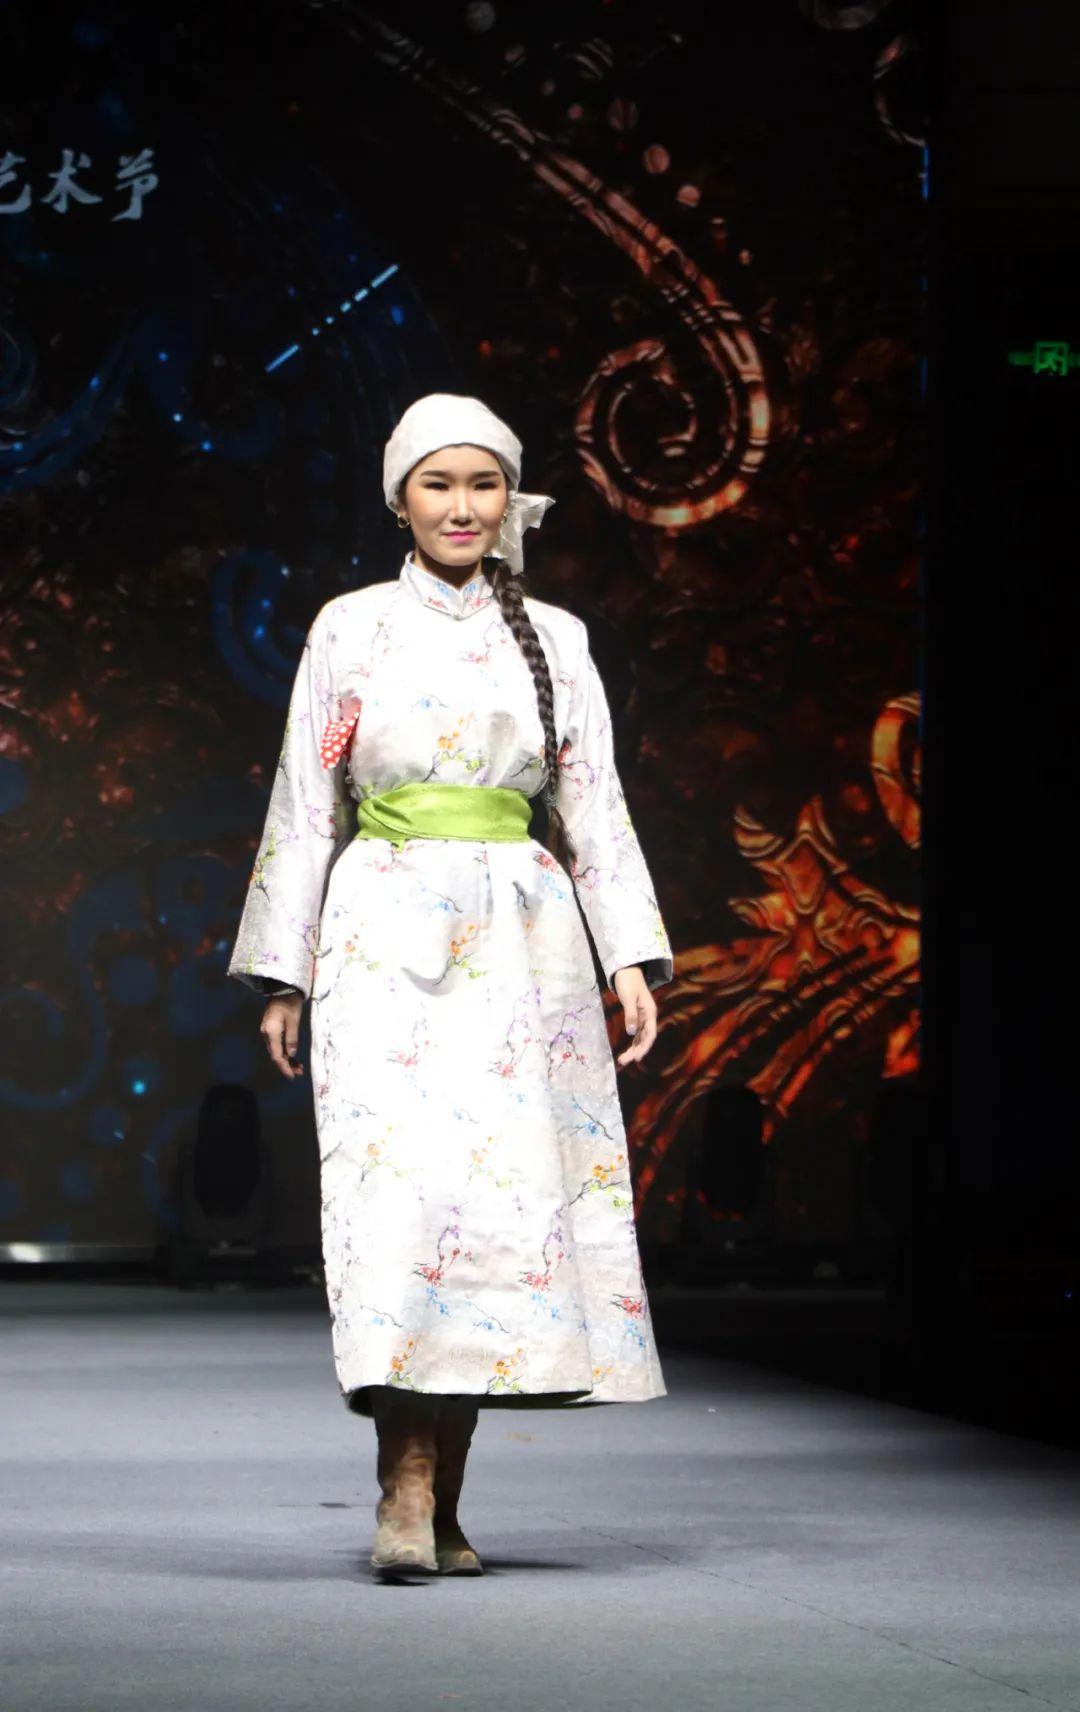 2020蒙古族服装服饰设计大赛 ᠮᠣᠩᠭᠤᠯ ᠦᠨᠳᠦᠰᠦᠲᠡᠨᠦ᠌ ᠬᠤᠪᠴᠠᠰᠤ ᠵᠠᠰᠠᠯᠤ᠋ᠨ ᠤᠷᠤᠯᠳᠤᠭᠠᠨ 第16张 2020蒙古族服装服饰设计大赛 ᠮᠣᠩᠭᠤᠯ ᠦᠨᠳᠦᠰᠦᠲᠡᠨᠦ᠌ ᠬᠤᠪᠴᠠᠰᠤ ᠵᠠᠰᠠᠯᠤ᠋ᠨ ᠤᠷᠤᠯᠳᠤᠭᠠᠨ 蒙古服饰